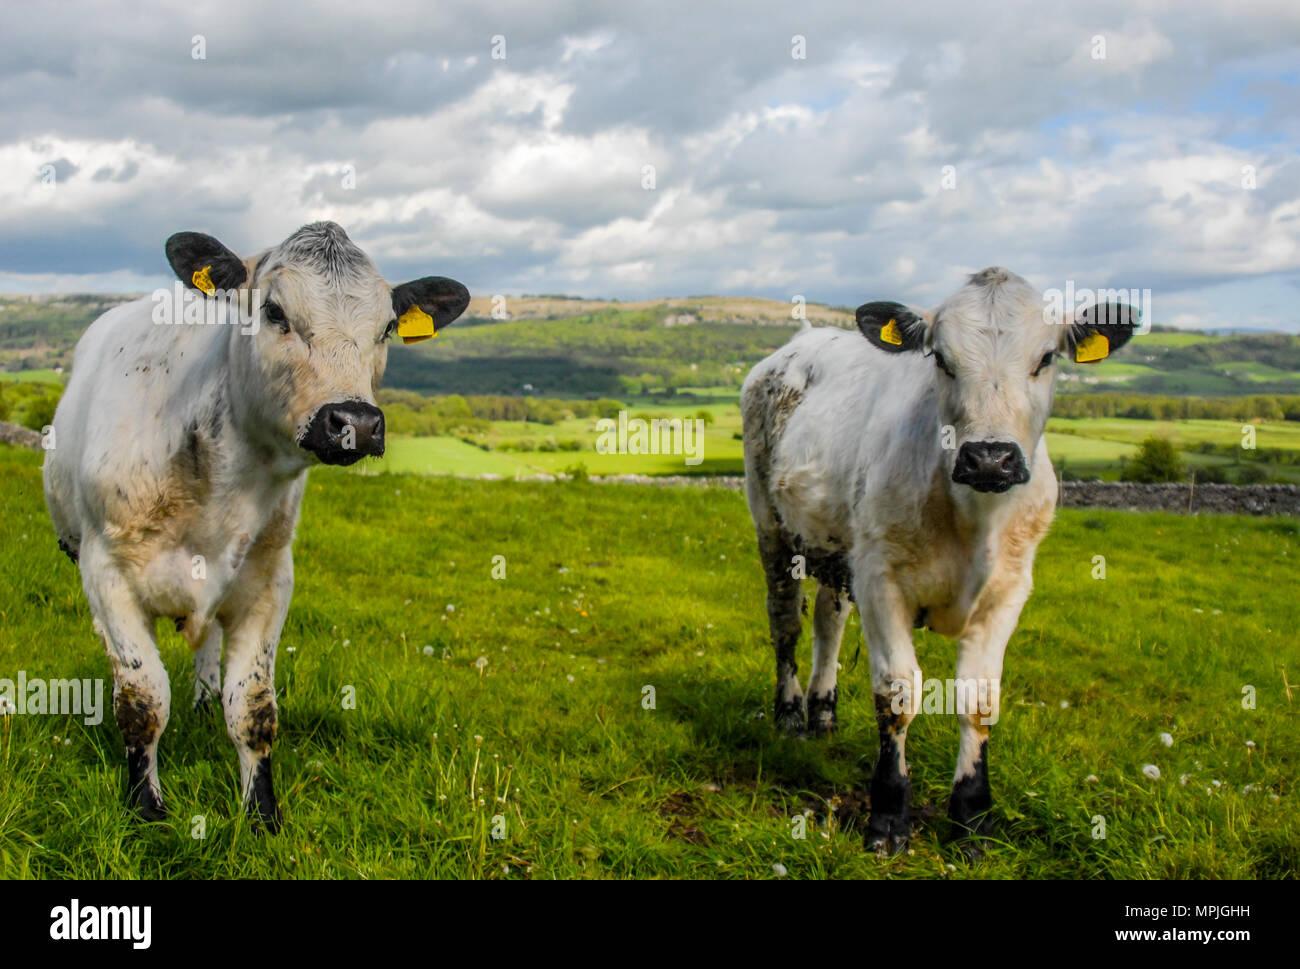 Rare breed British White bullocks grazing in South Cumbria. - Stock Image